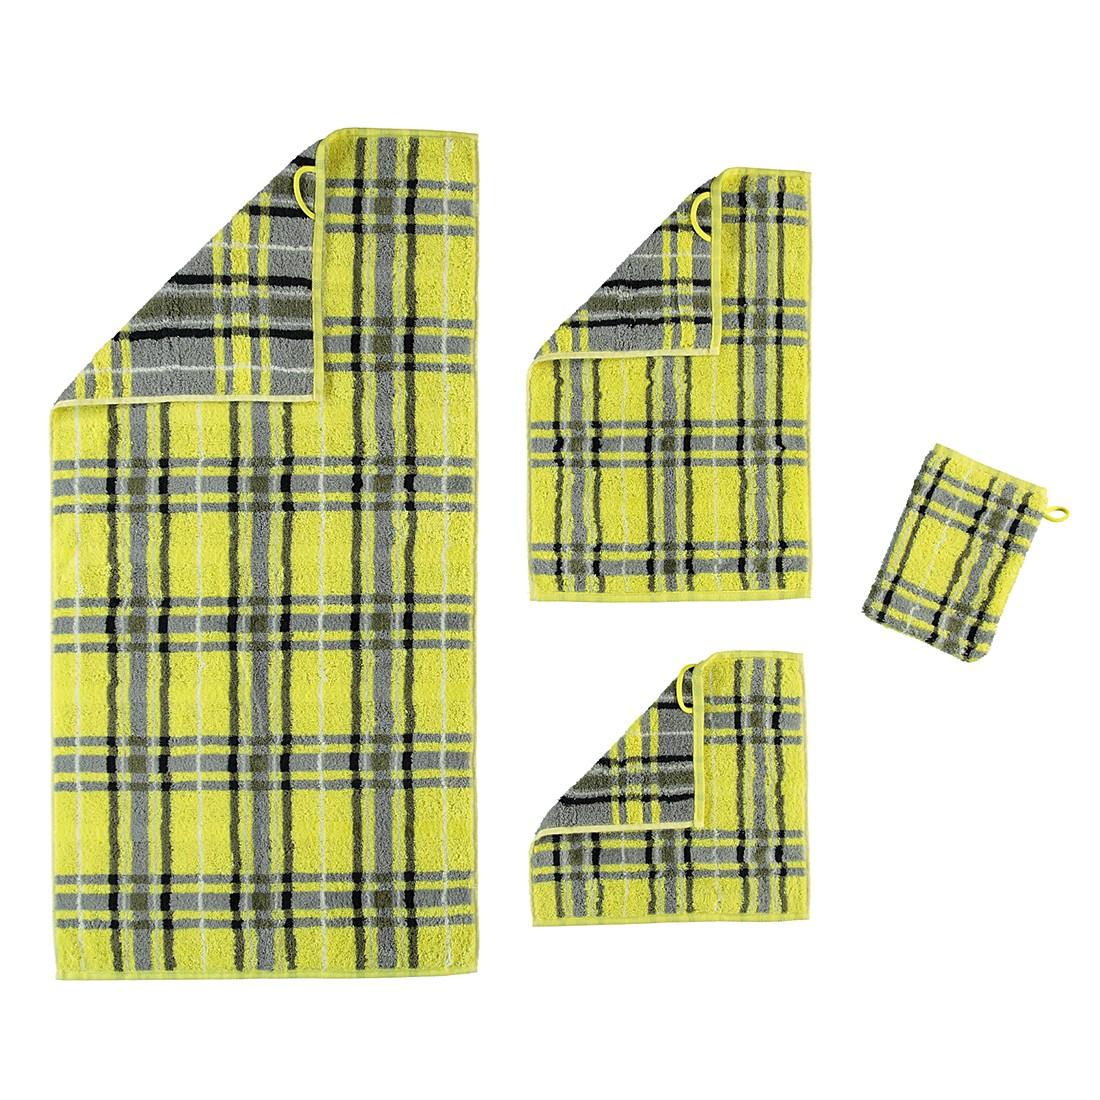 Handtücher Noblesse Check 1062 – Baumwolle – Zitrus – Gästetuch 30×50 cm, Cawö online kaufen